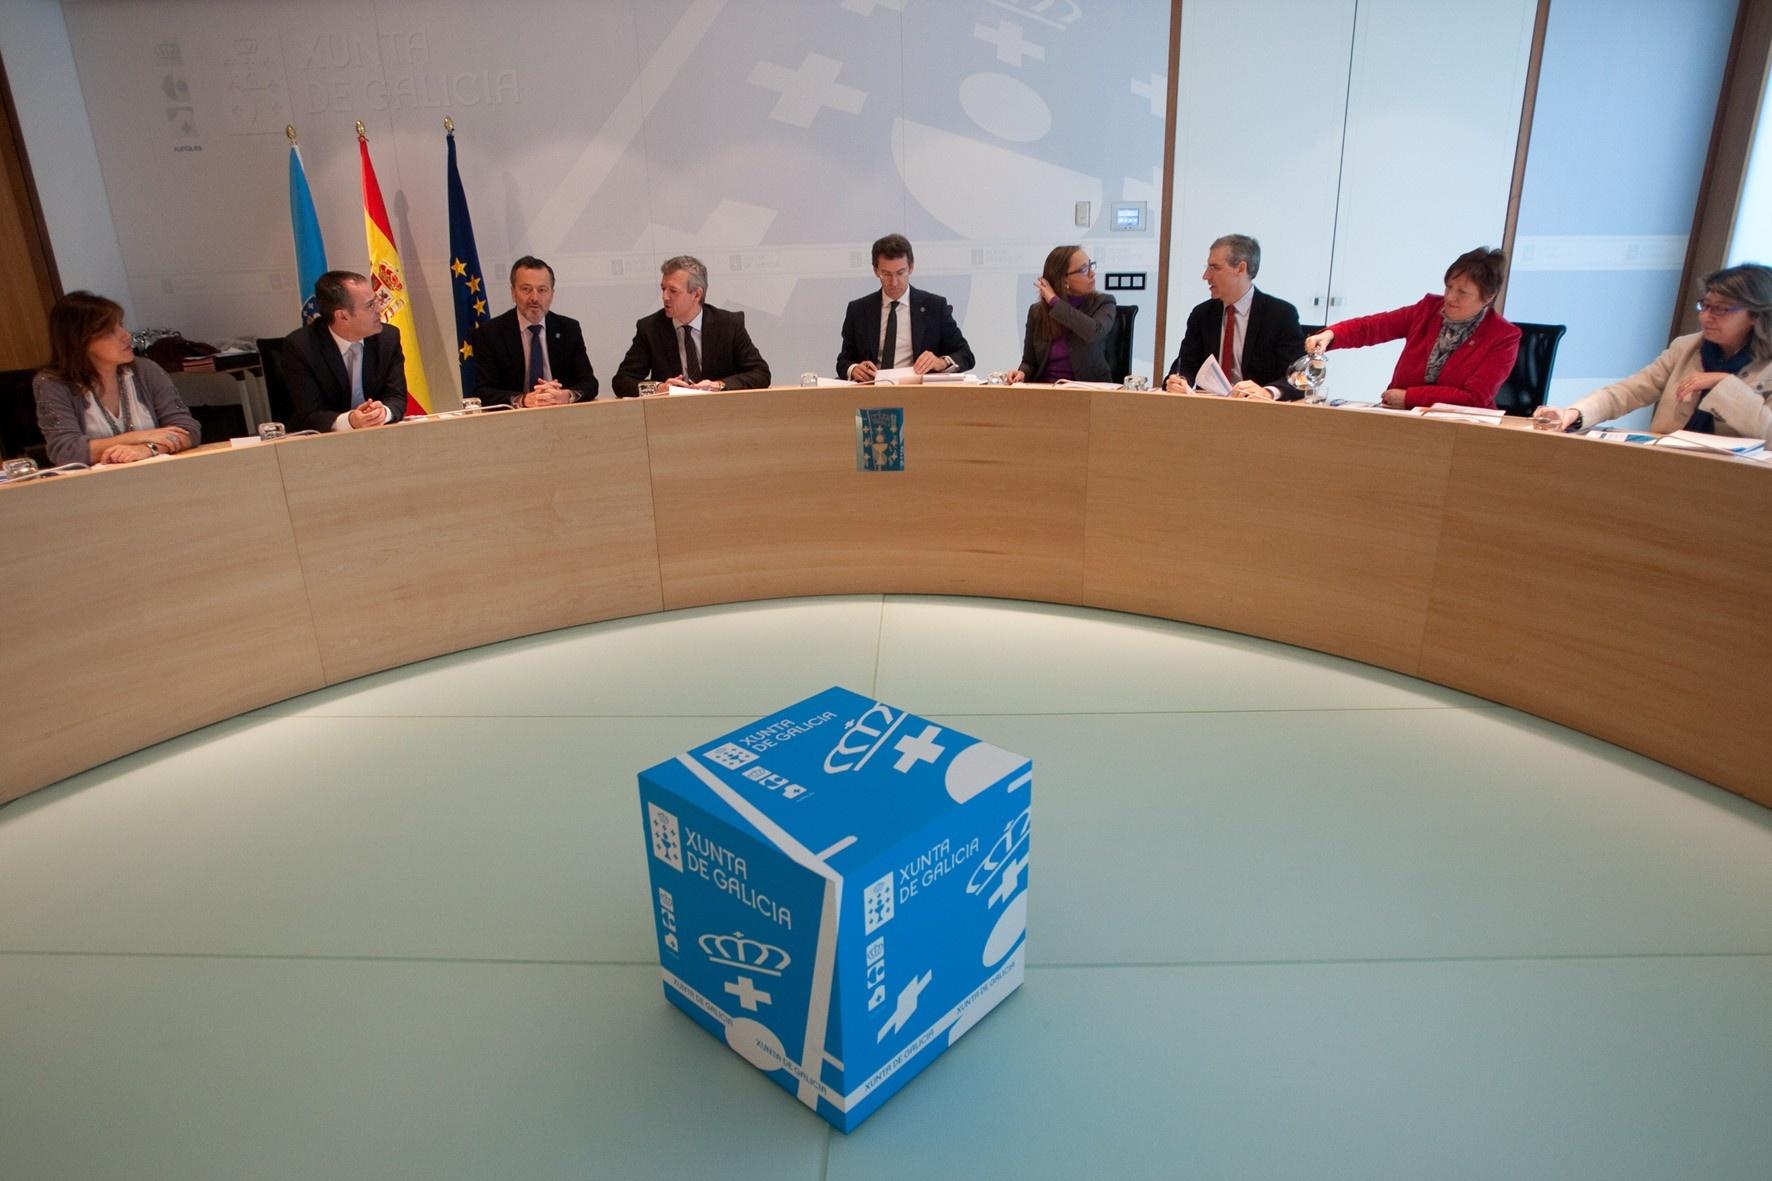 (AV.Los ayuntamientos fusionados tendrán más ayudas en todas las convocatorias de la Xunta durante 10 años